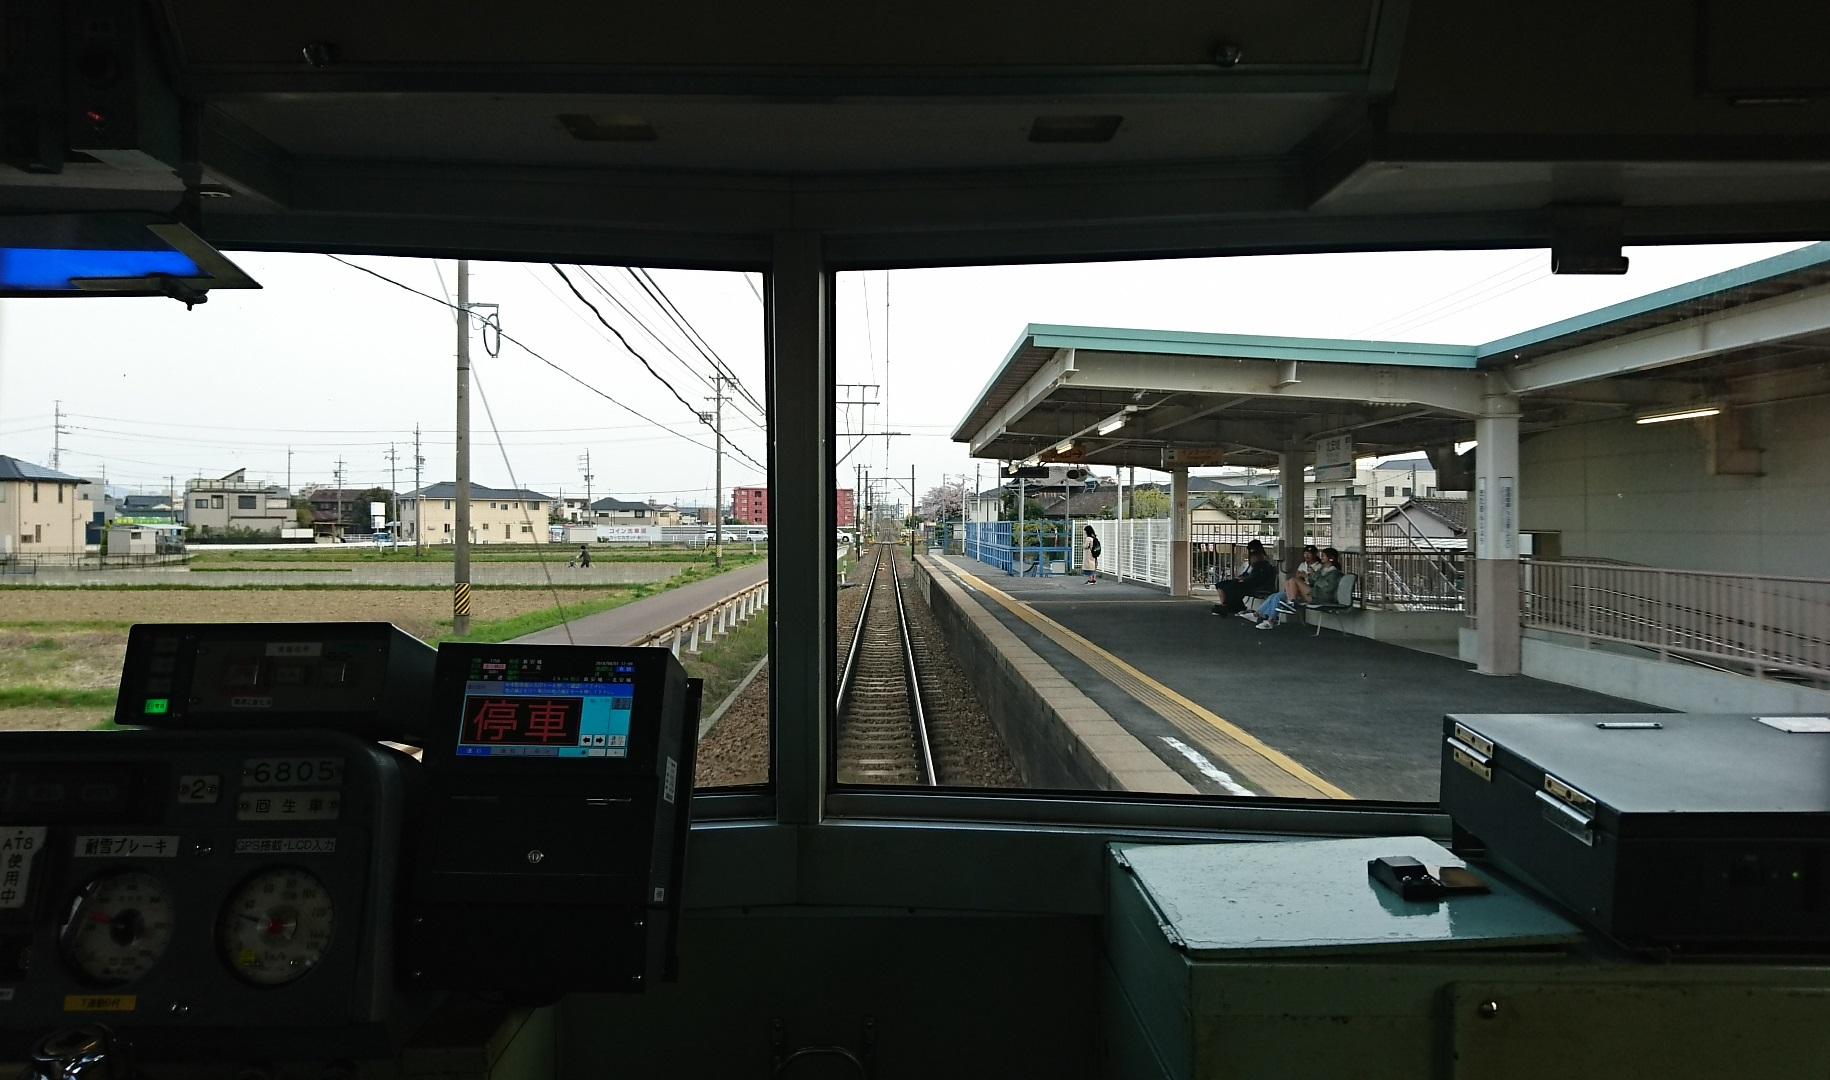 2018.4.1 東岡崎 (38) 西尾いきふつう - きたあんじょう 1830-1080